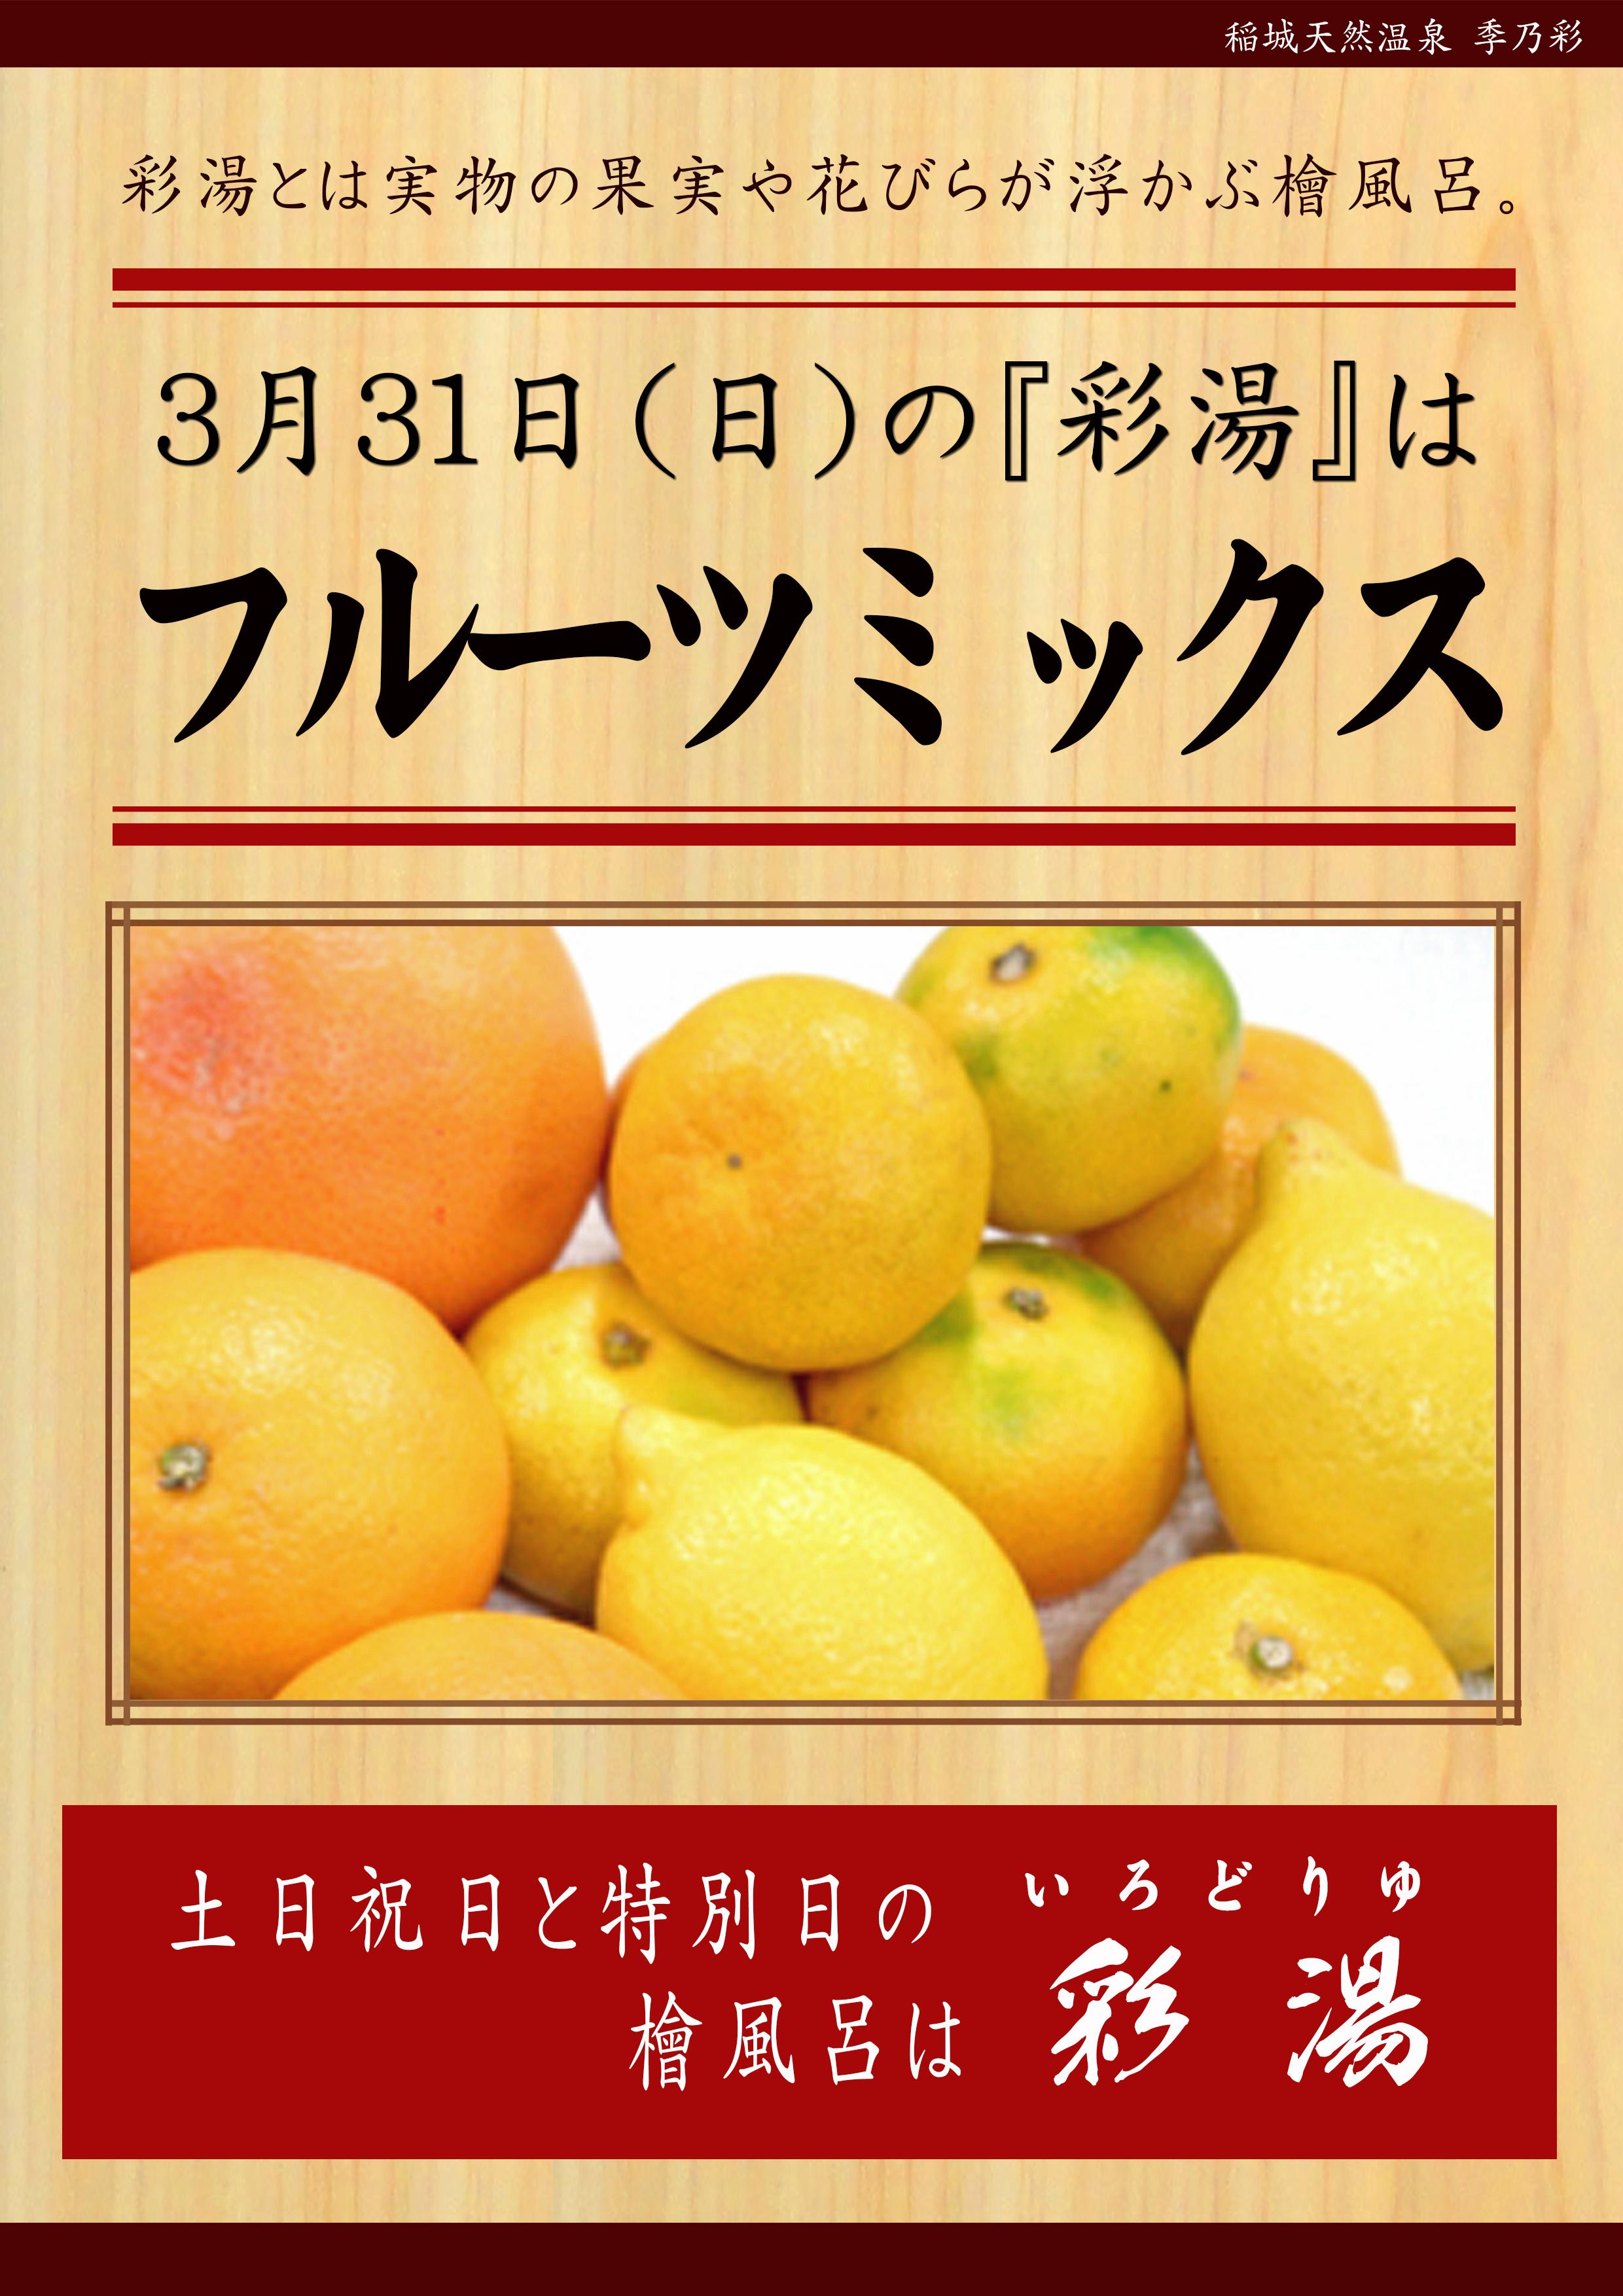 20190331POP イベント 彩湯 フルーツミックス